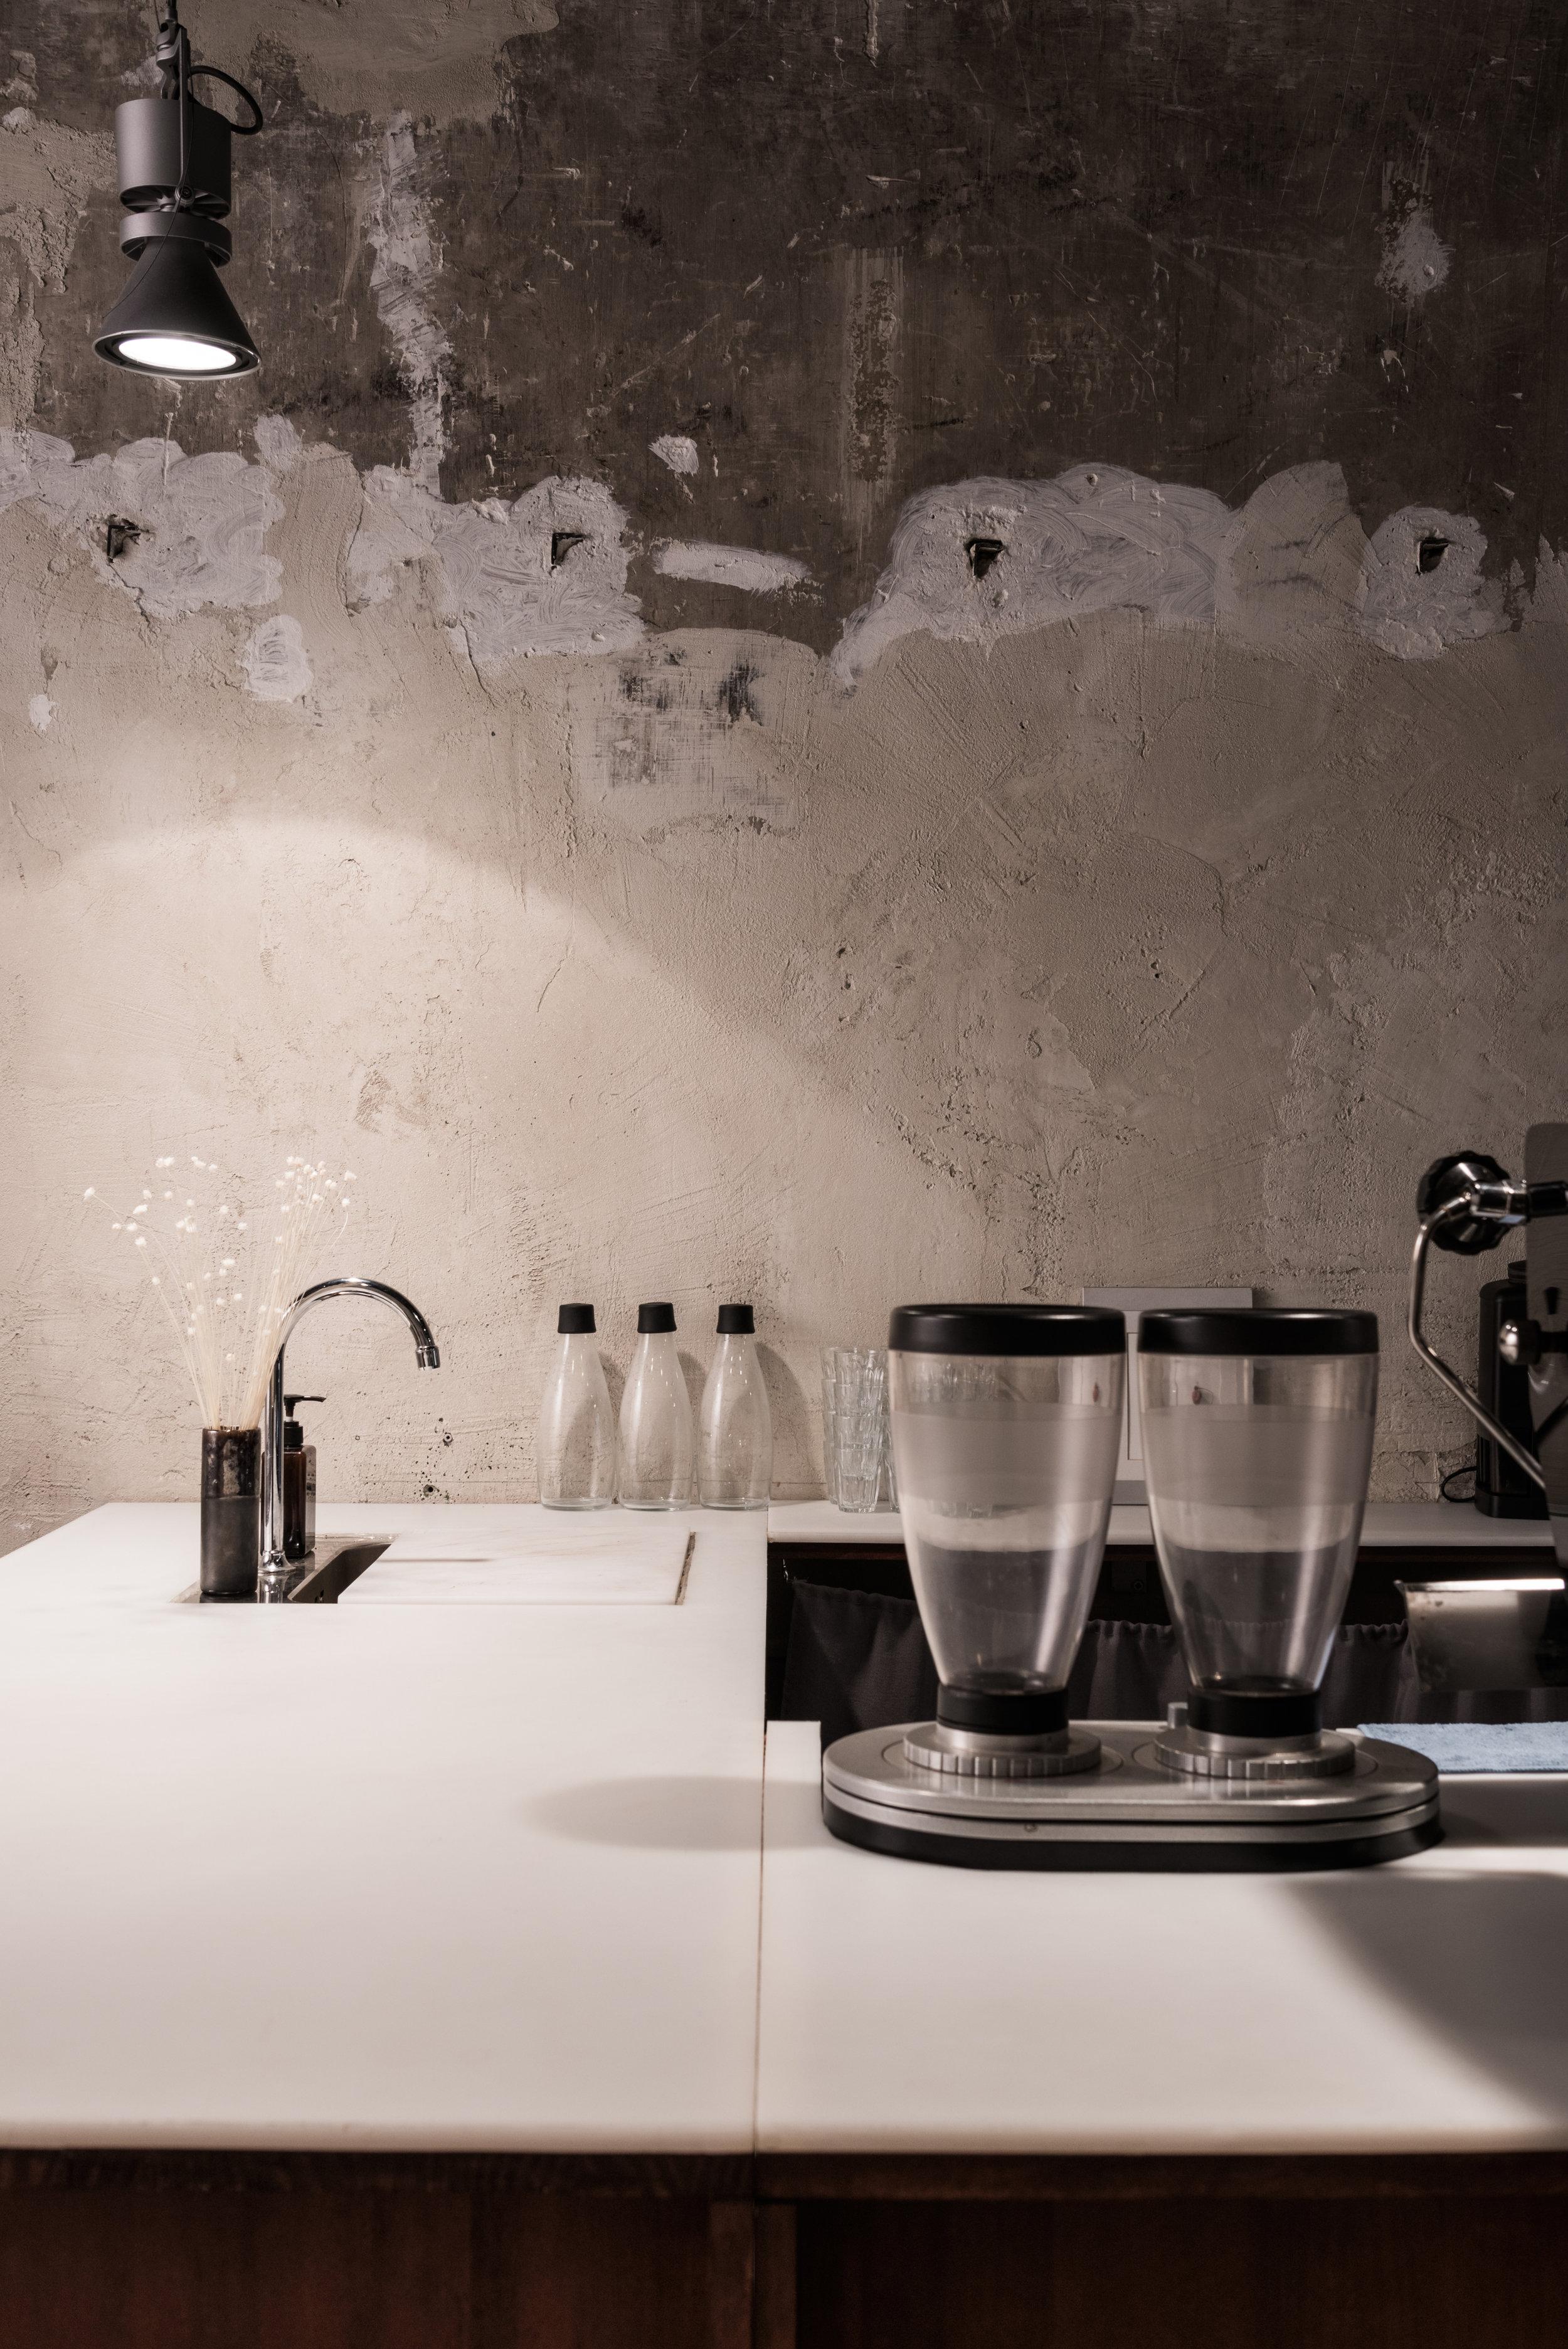 180410_KAL A ACID CAFE 26.jpg